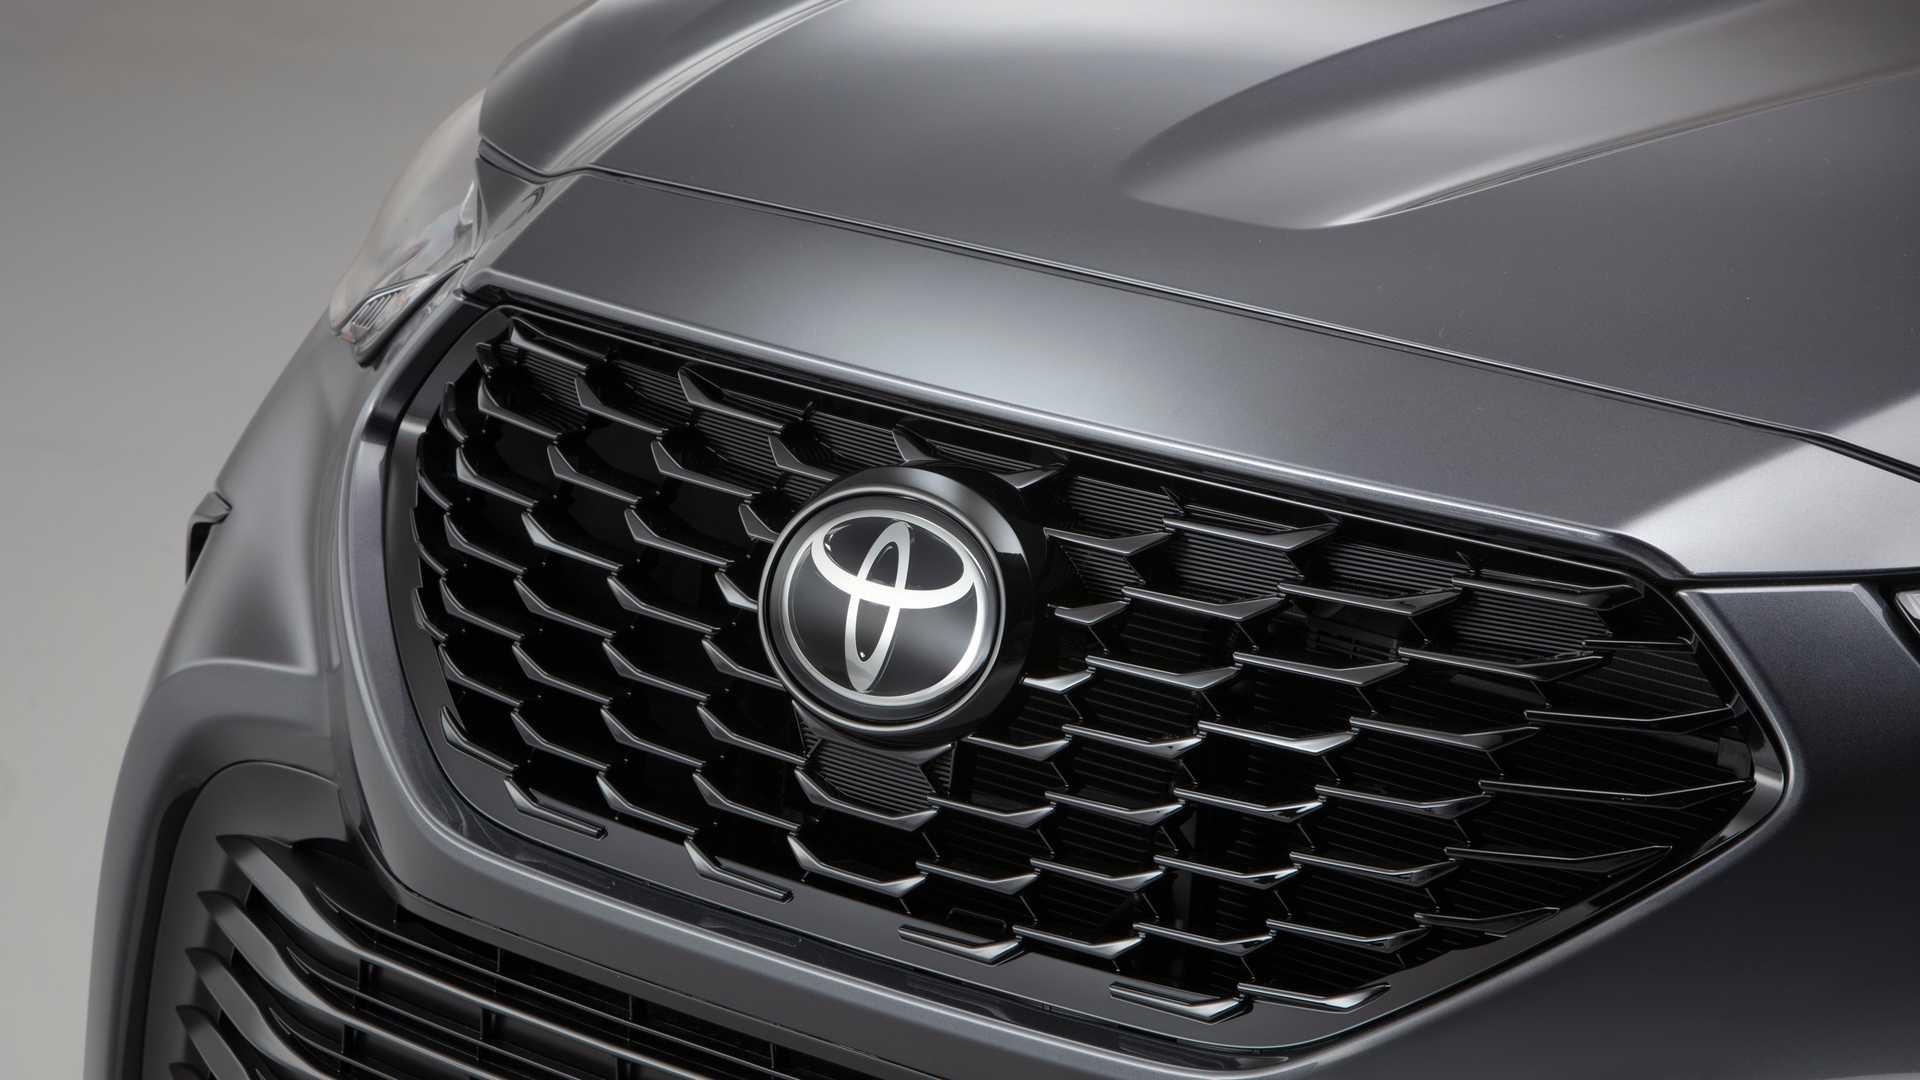 Toyota Highlander XSE 2021 hoàn toàn mới, đậm chất thể thao - 4